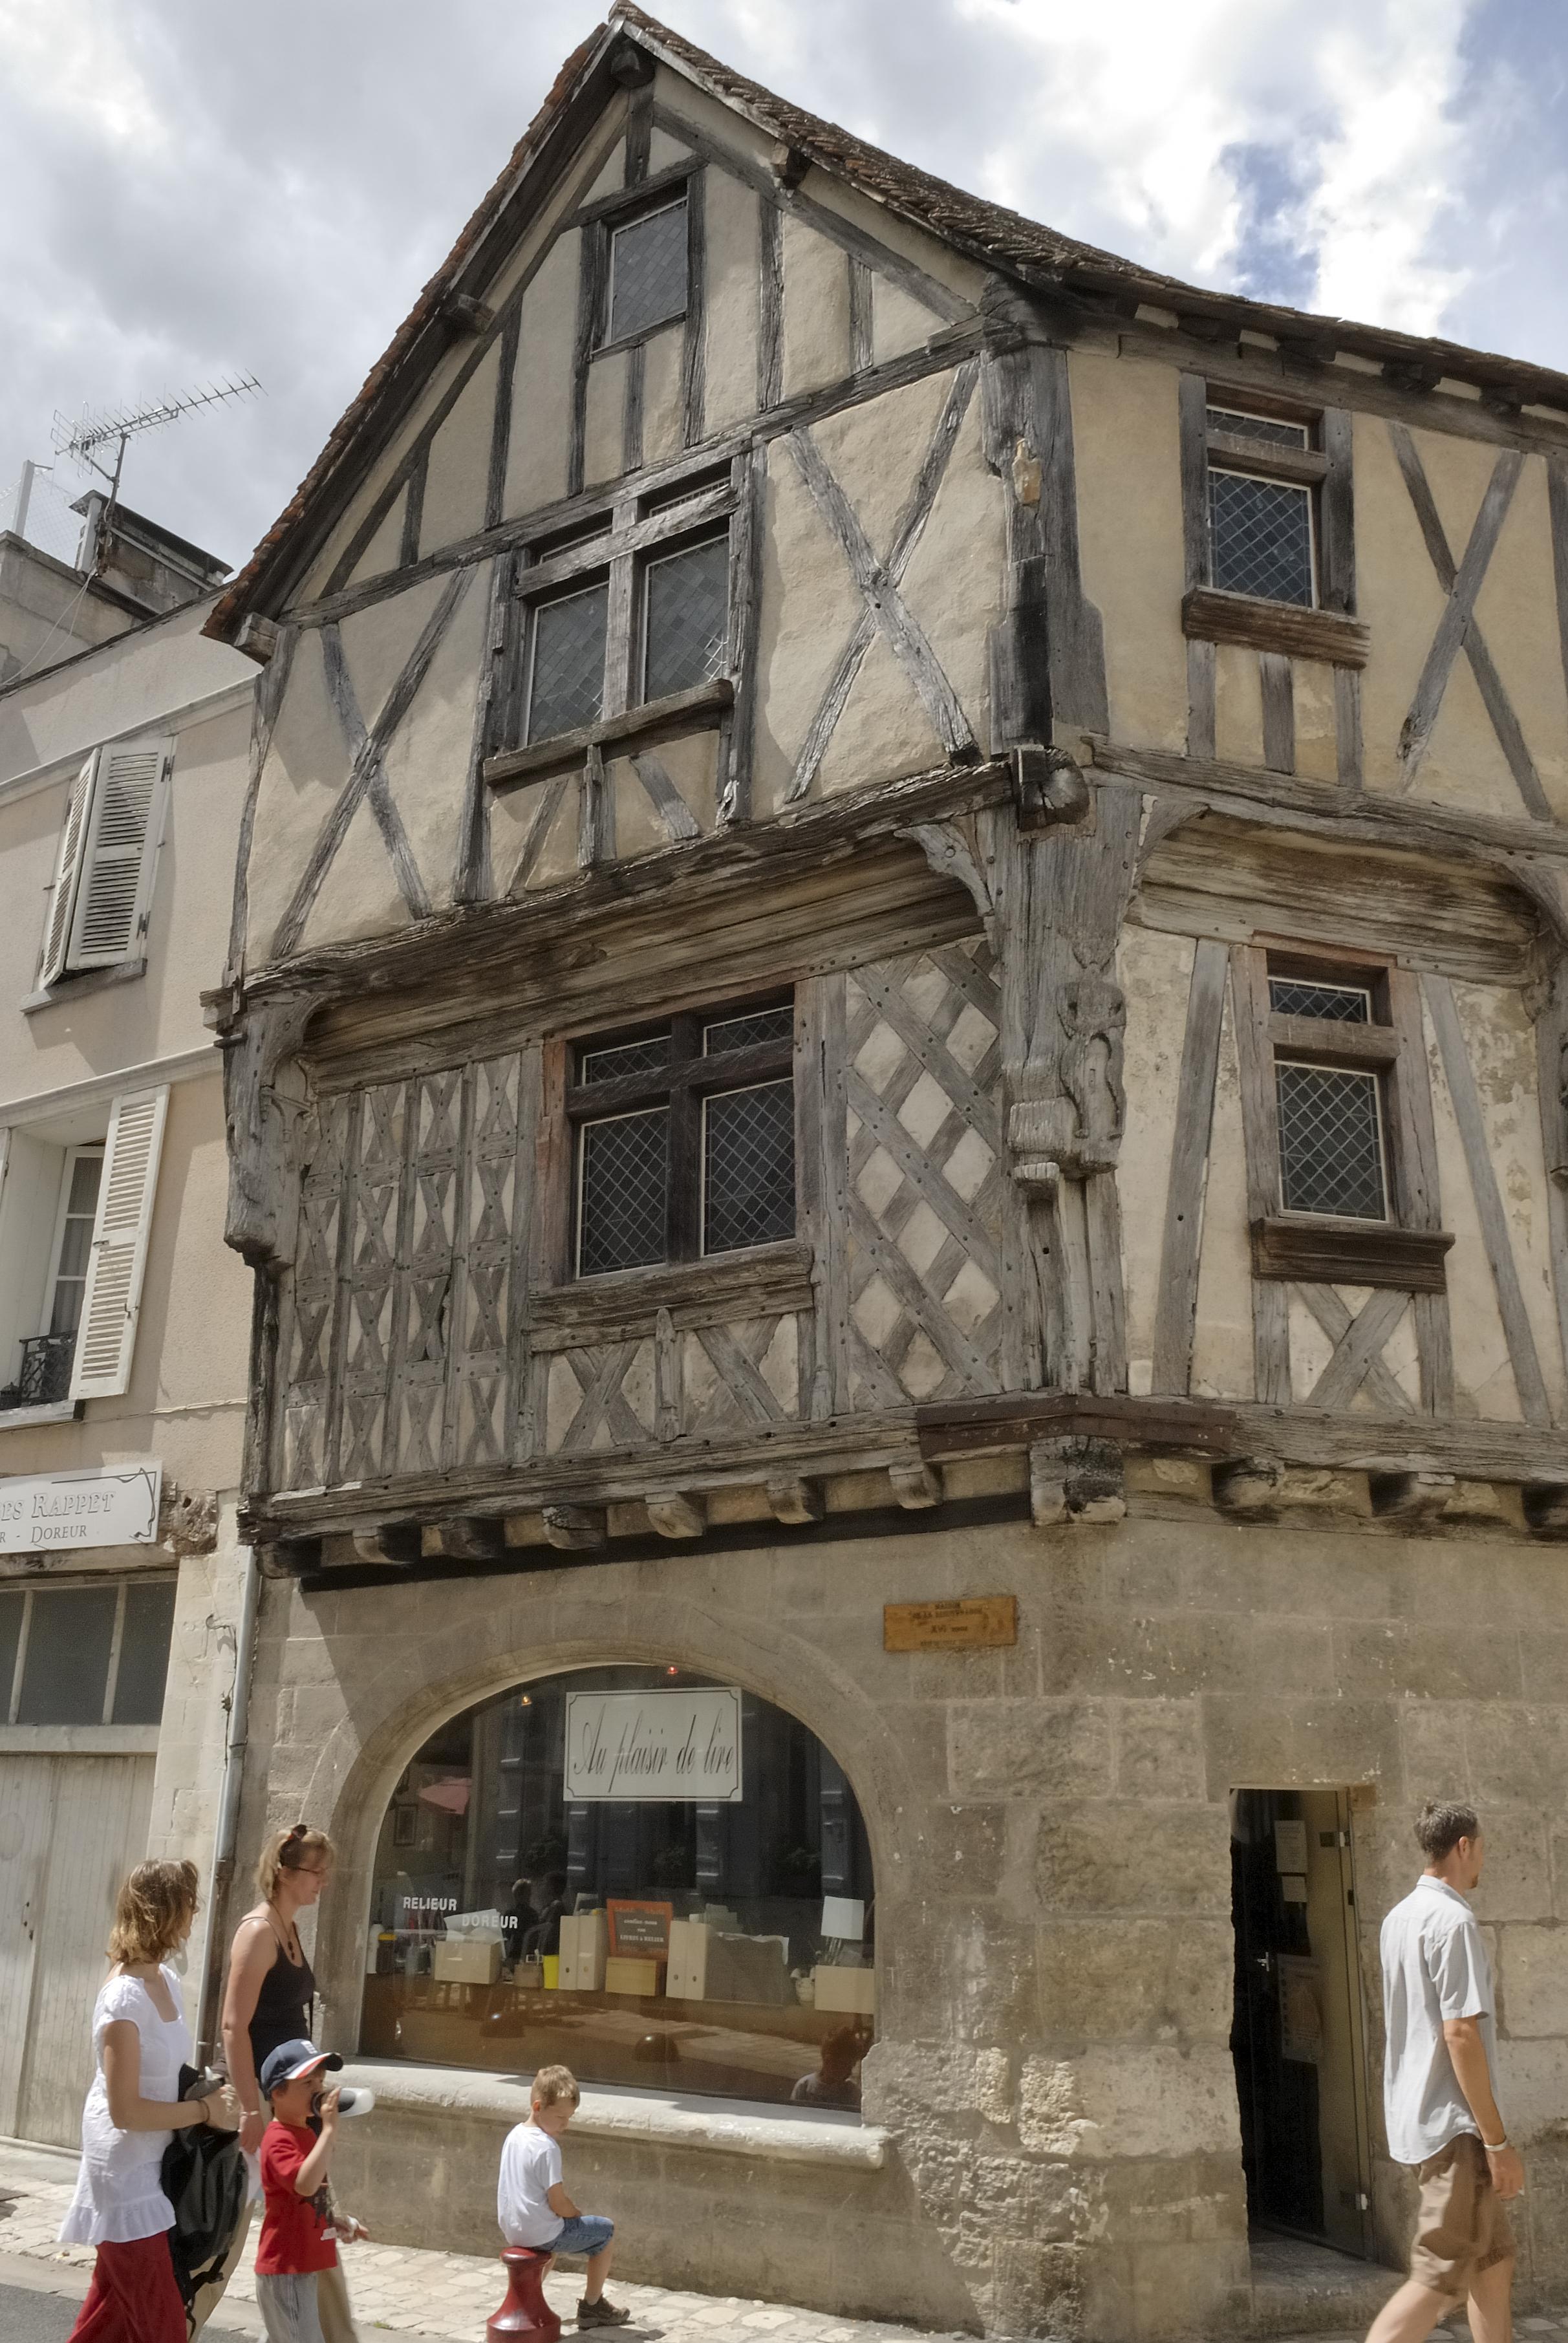 ville vieux quartier cognac garnier en bateau charente en croisiere inter croisieres sireuil nicols.jpg